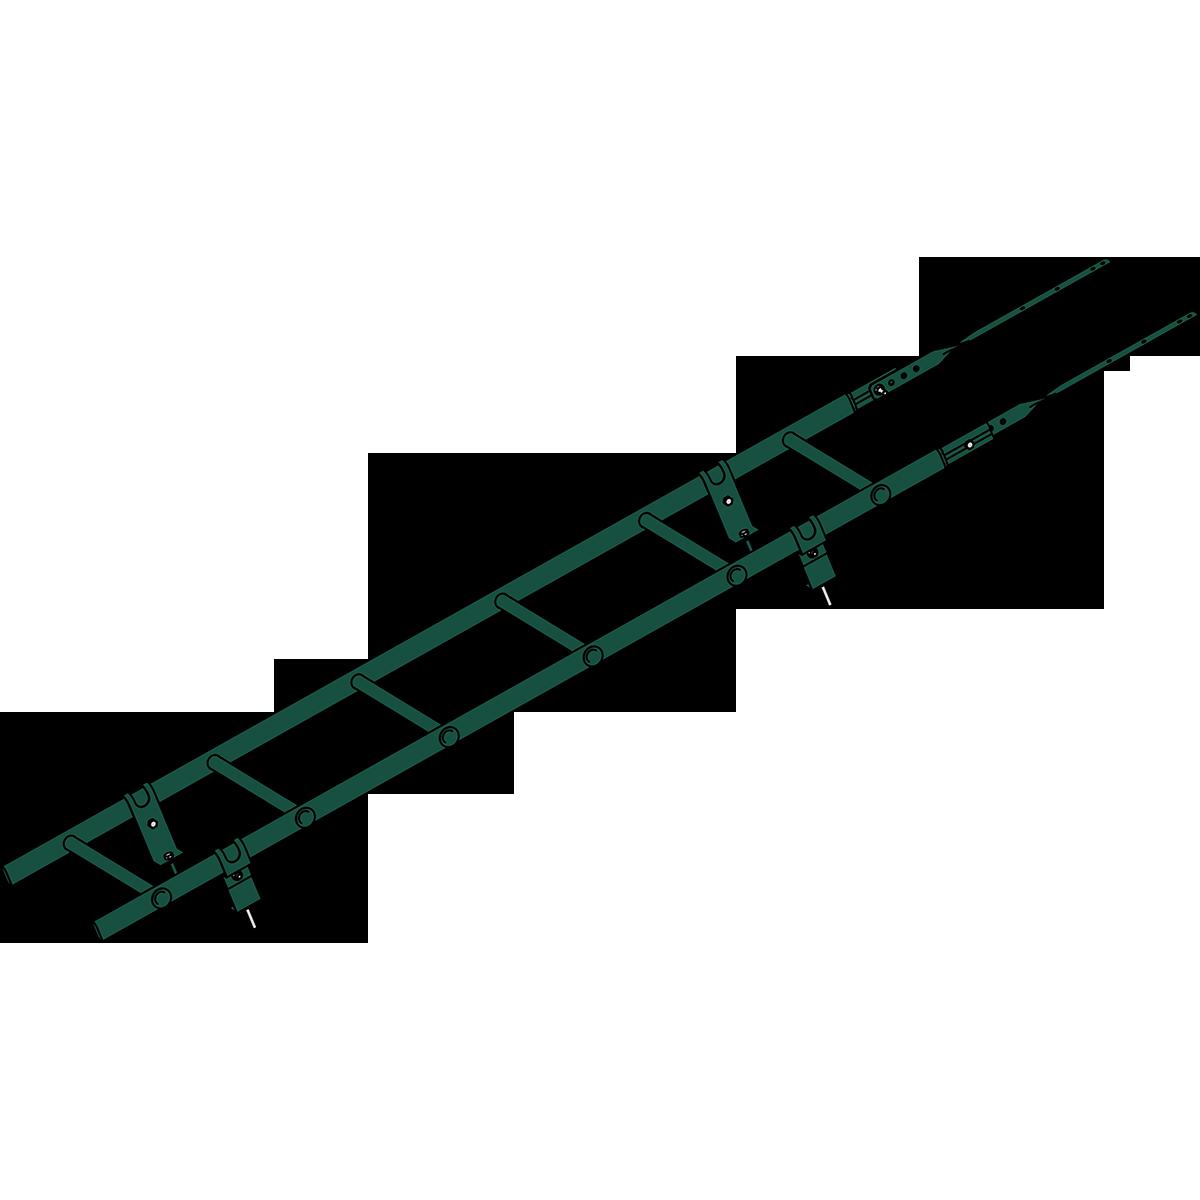 Лестница кровельная ROOFSYSTEMS PRESTIGE ZN 45х25 (овал) 400 унивеpсальная 1,2 м RAL 6005 Зеленый мох